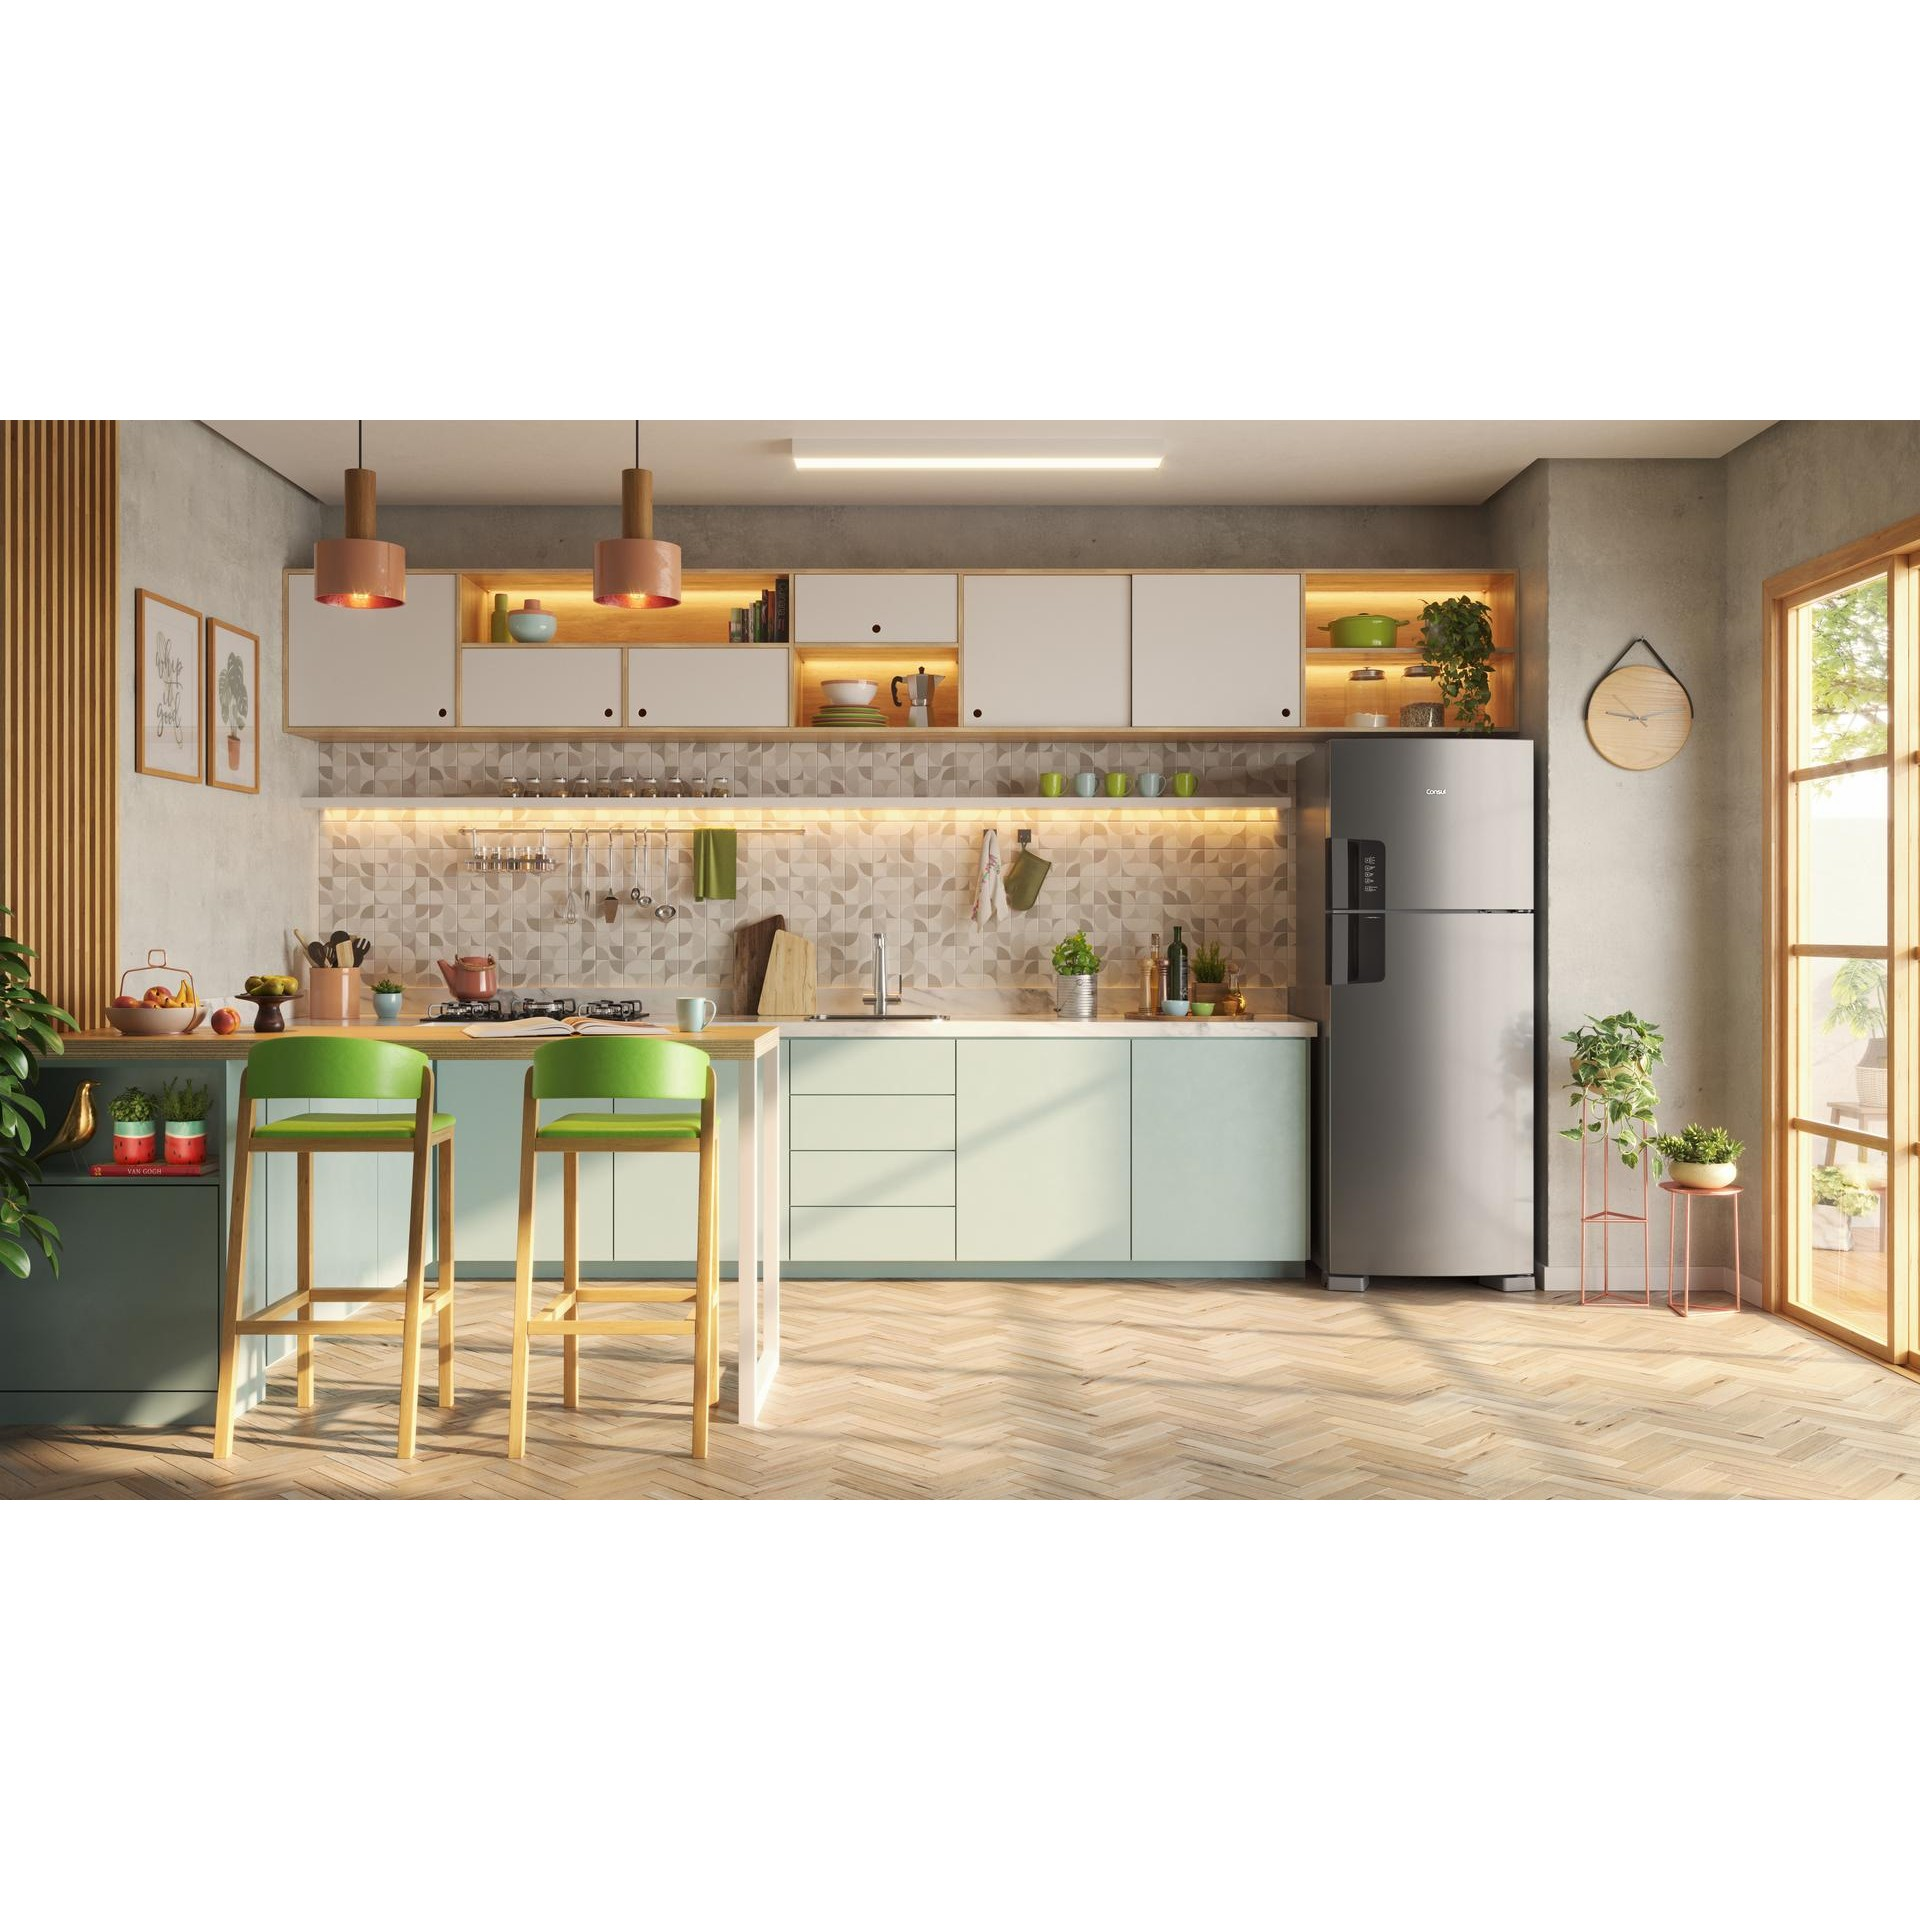 Geladeira/refrigerador 450 Litros 2 Portas Inox - Consul - 110v - Crm56hkana